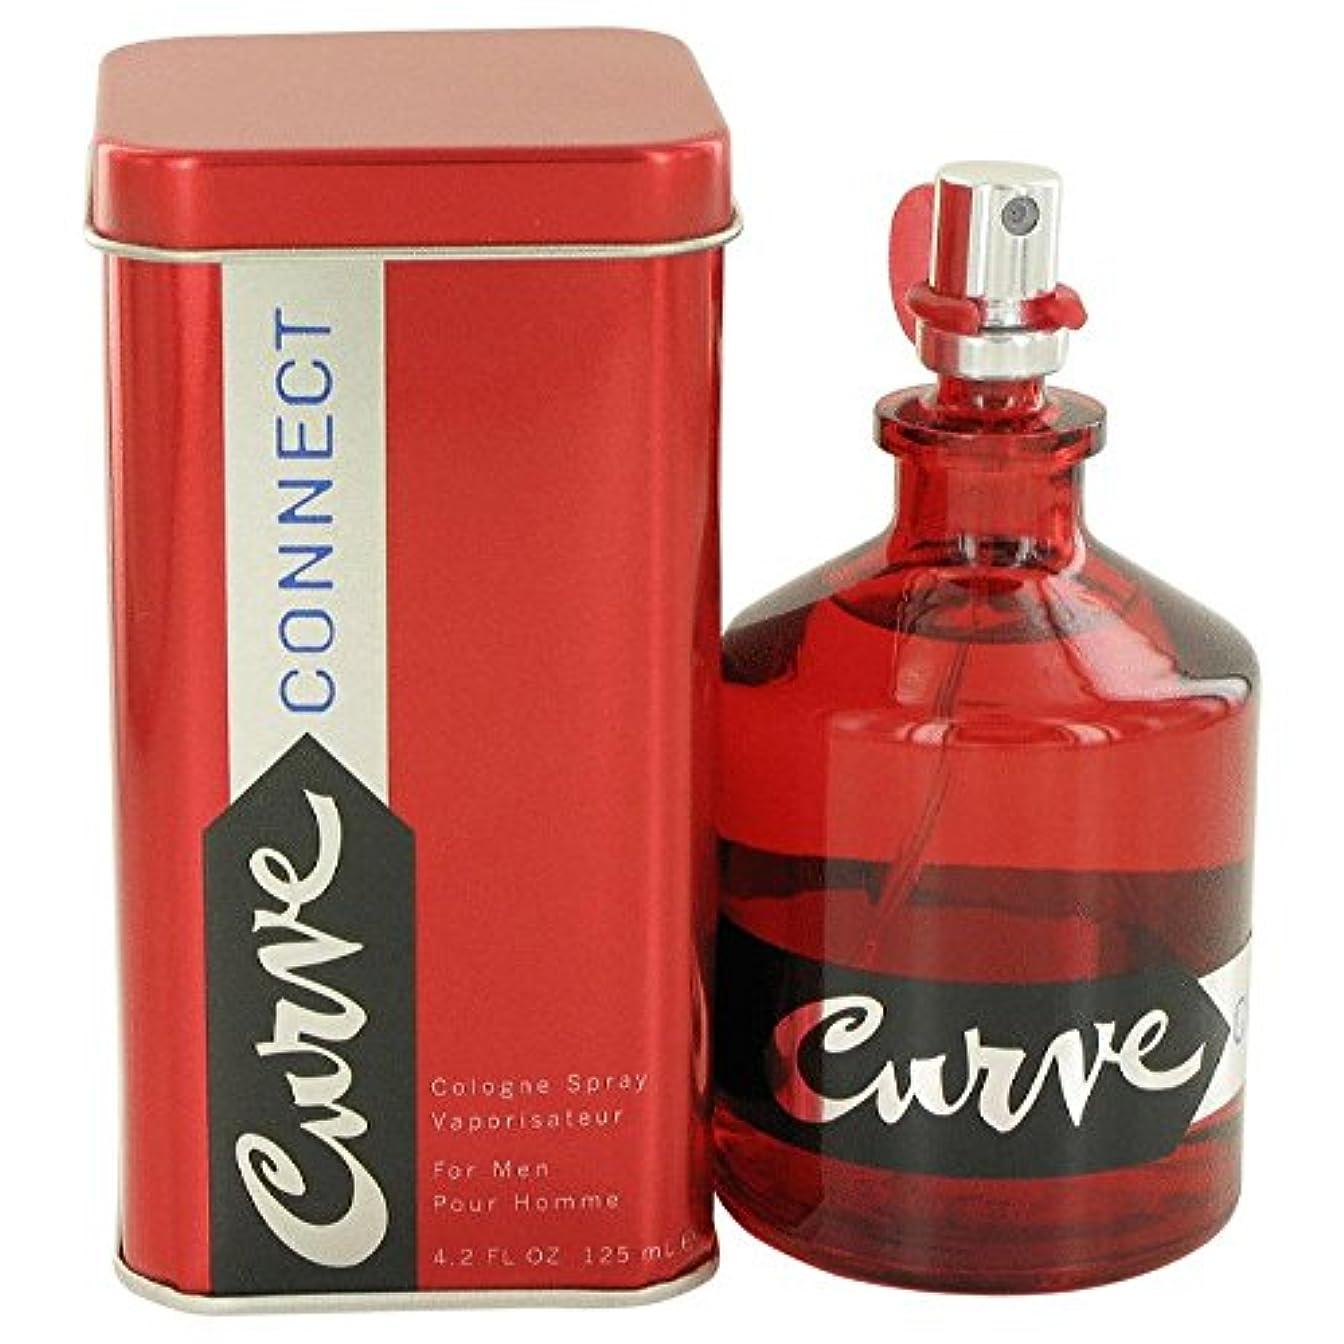 あさりパーク雪のLiz Claiborne Curve Connect for Men 125ml/4.2oz Eau De Cologne Spray Fragrance